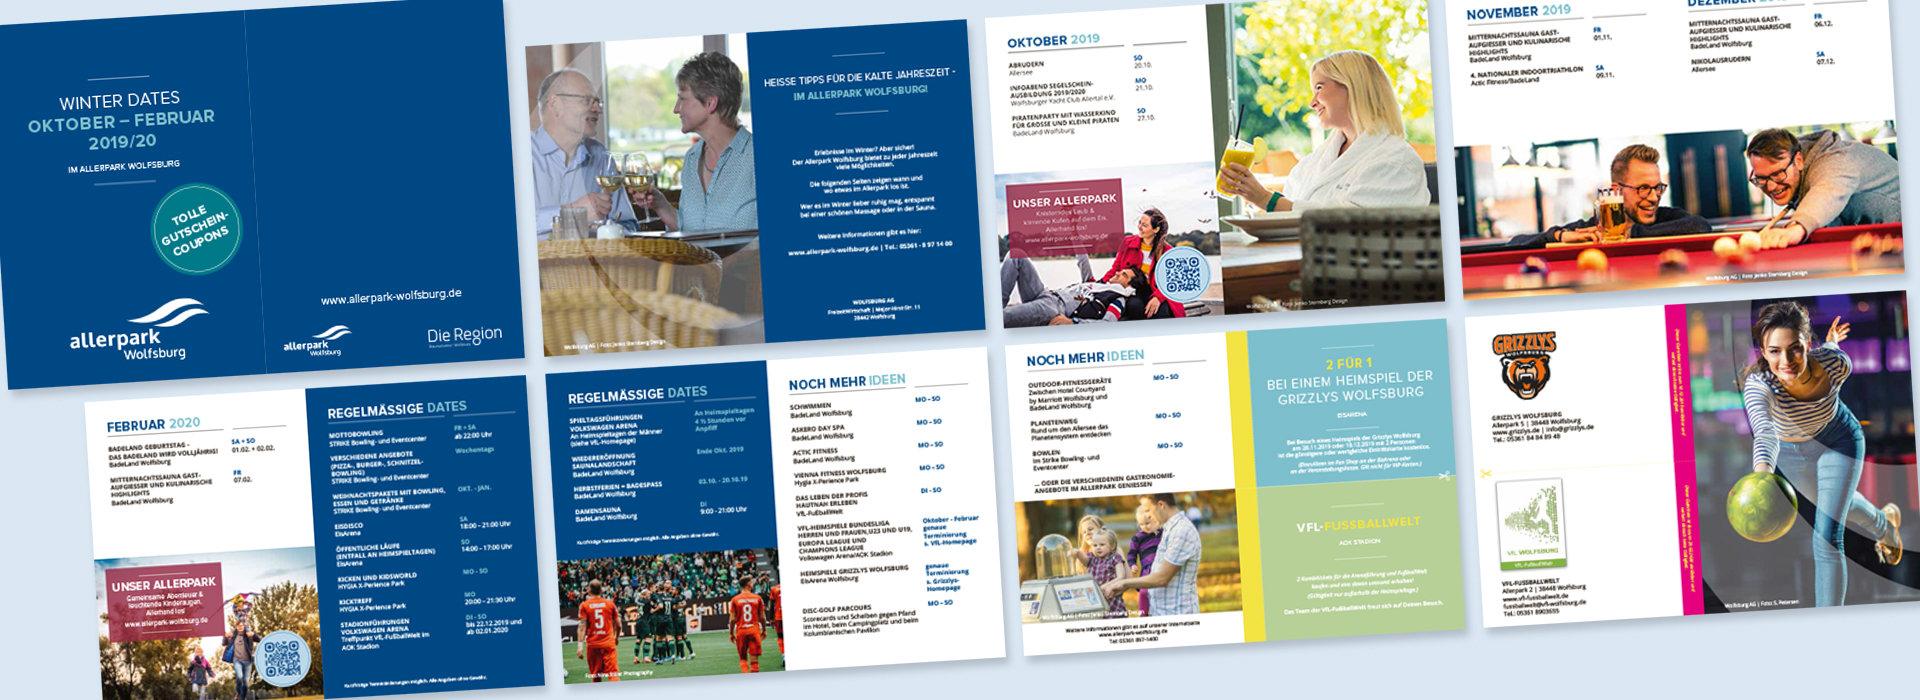 Editorialdesign-Wolfsburg-Allerpark-CMde